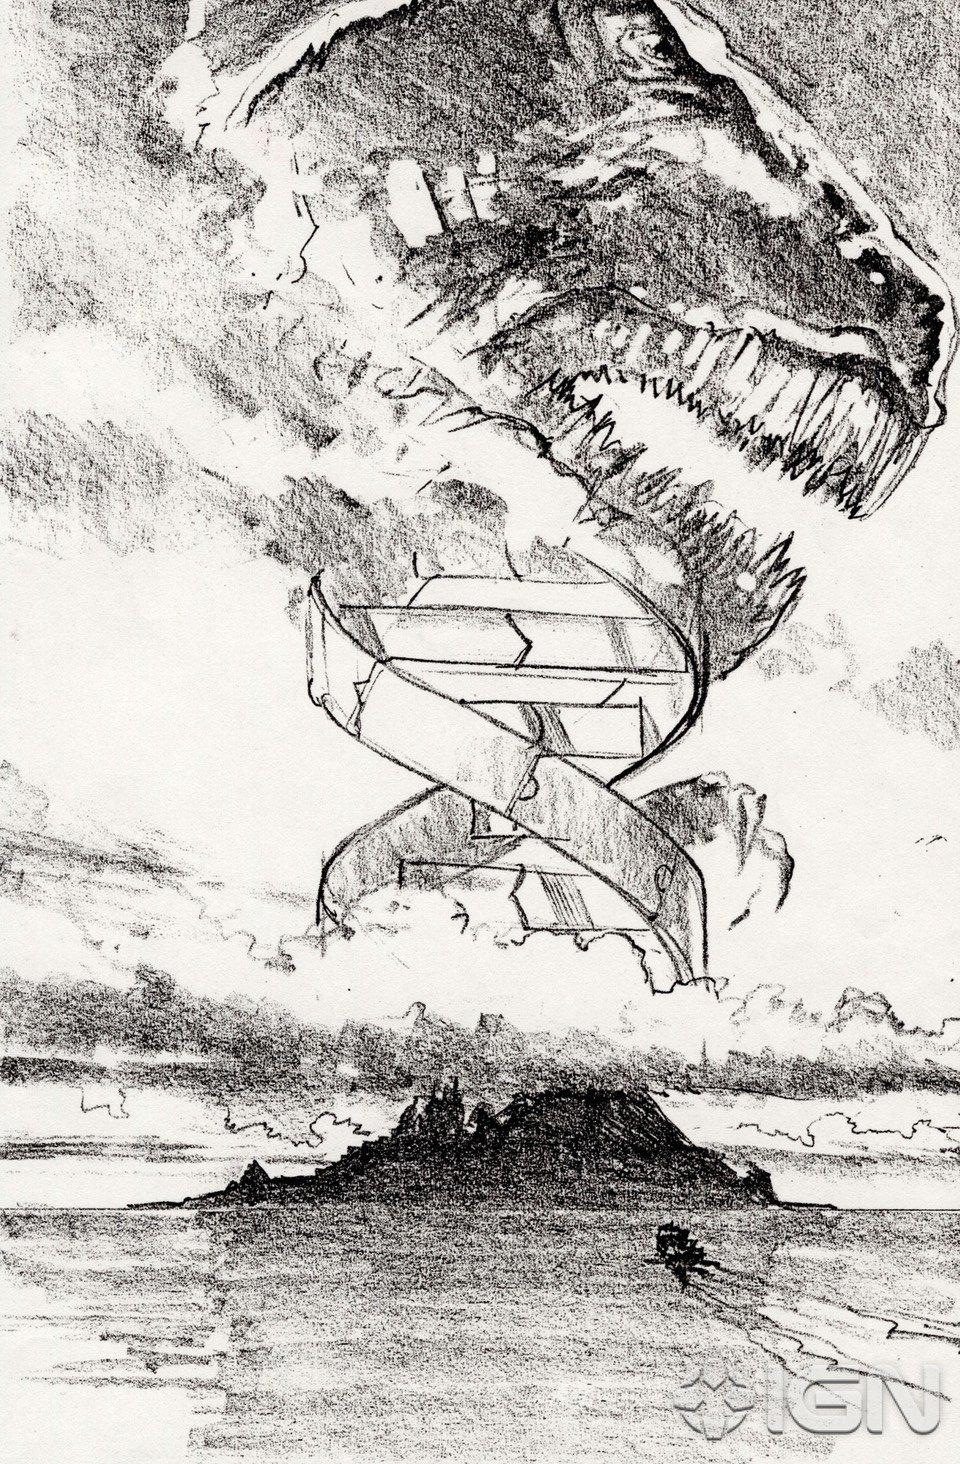 Неопубликованные постеры Джона Элвина - Изображение 16